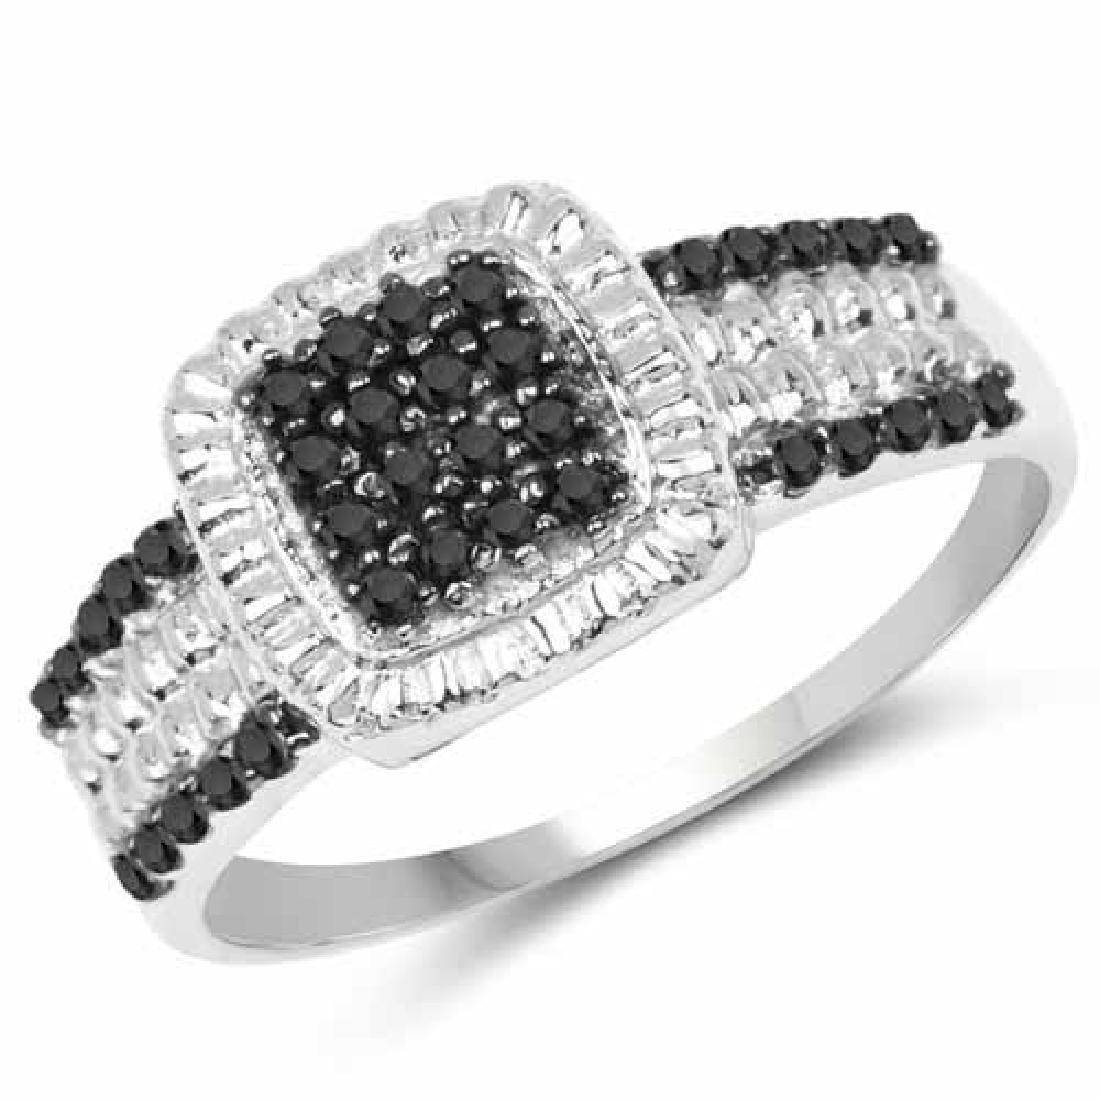 0.30 Carat Genuine Black Diamond and White Diamond .925